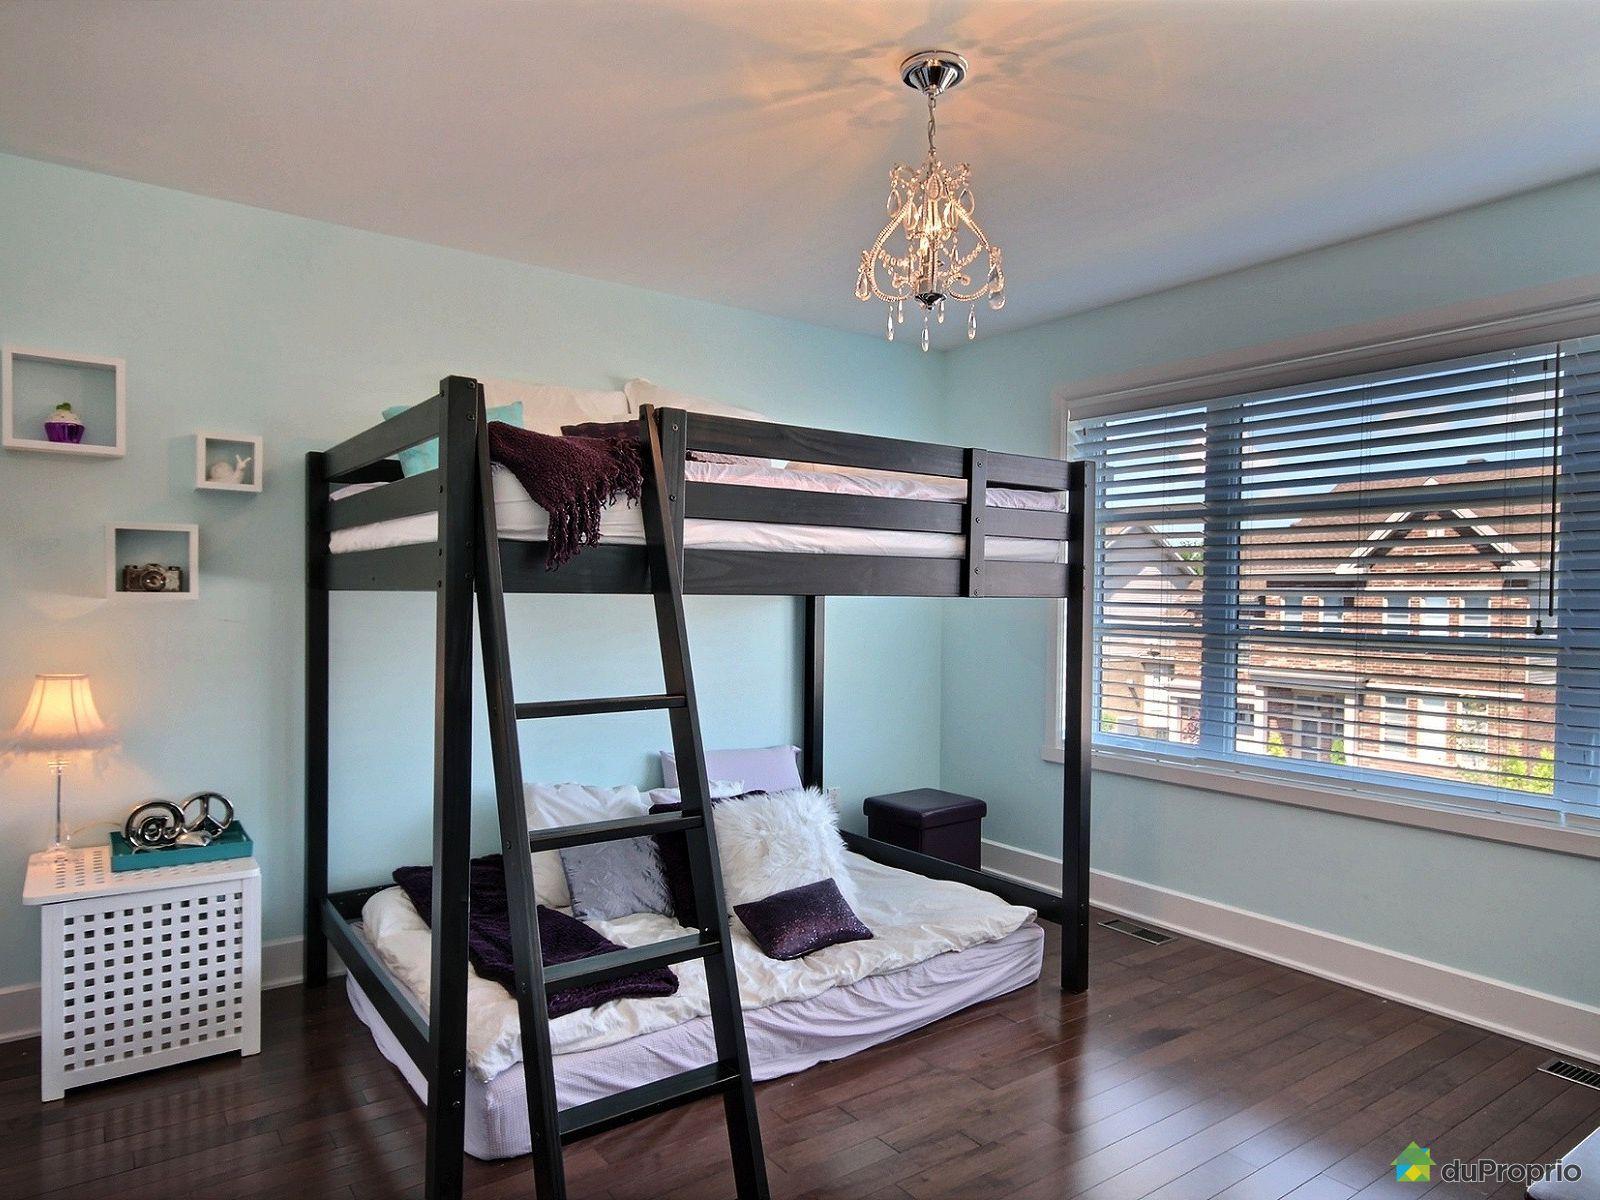 Maison à vendre Boucherville, 764 rue Wilfrid-Pelletier ...